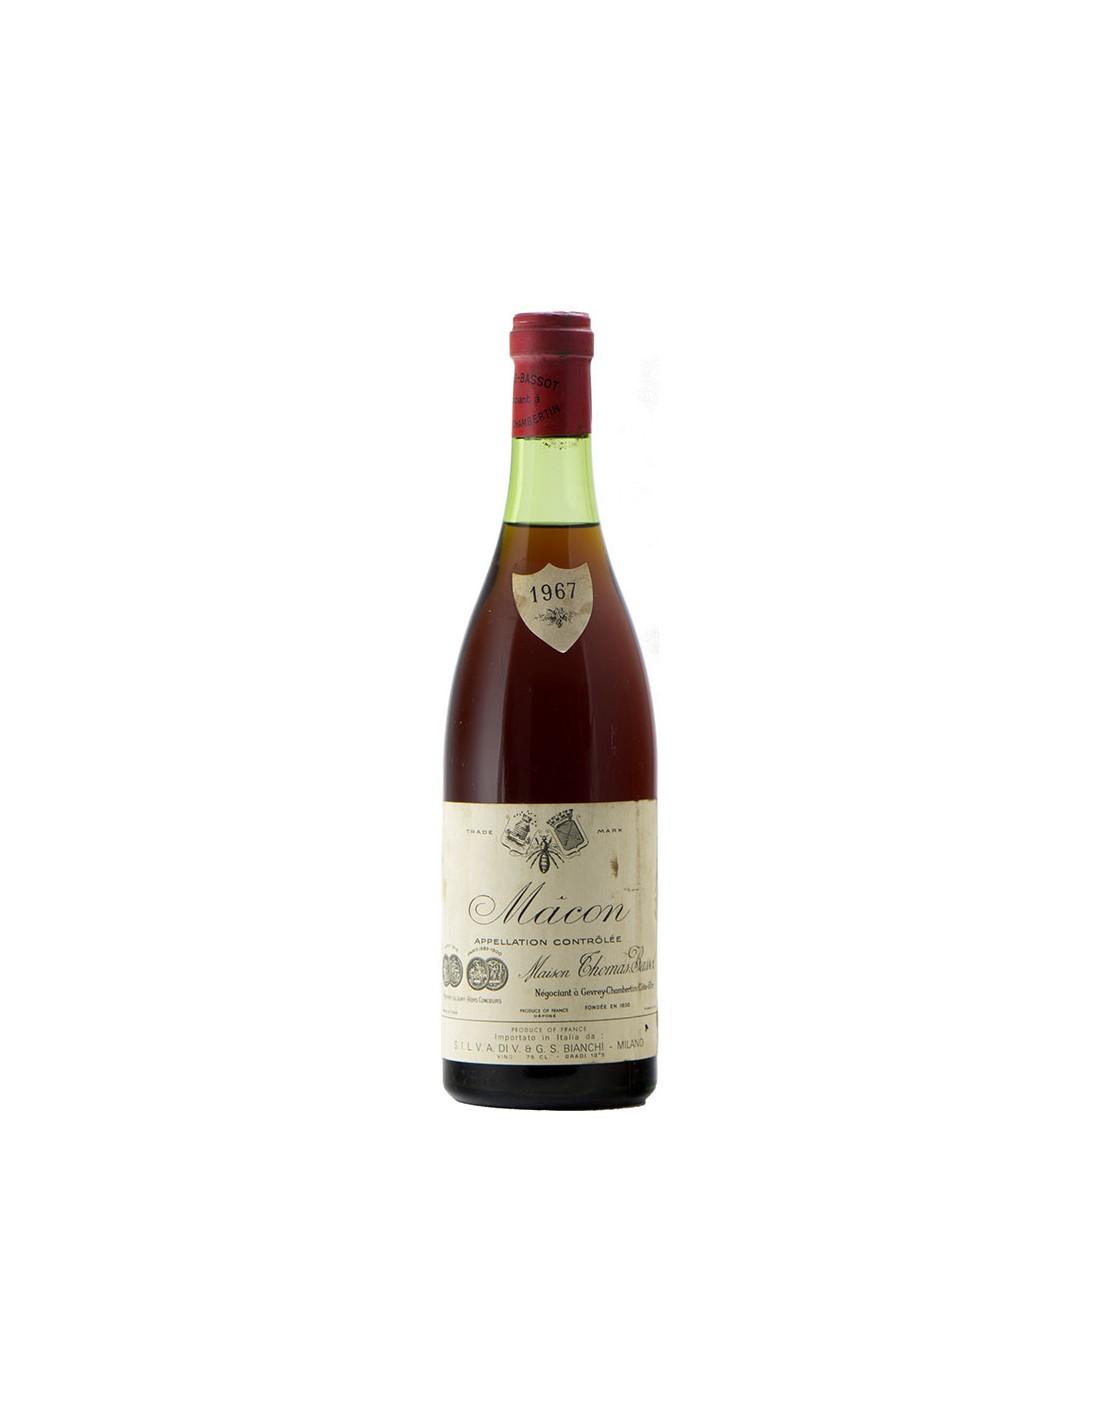 MACON 1967 THOMAS BASSOT Grandi Bottiglie